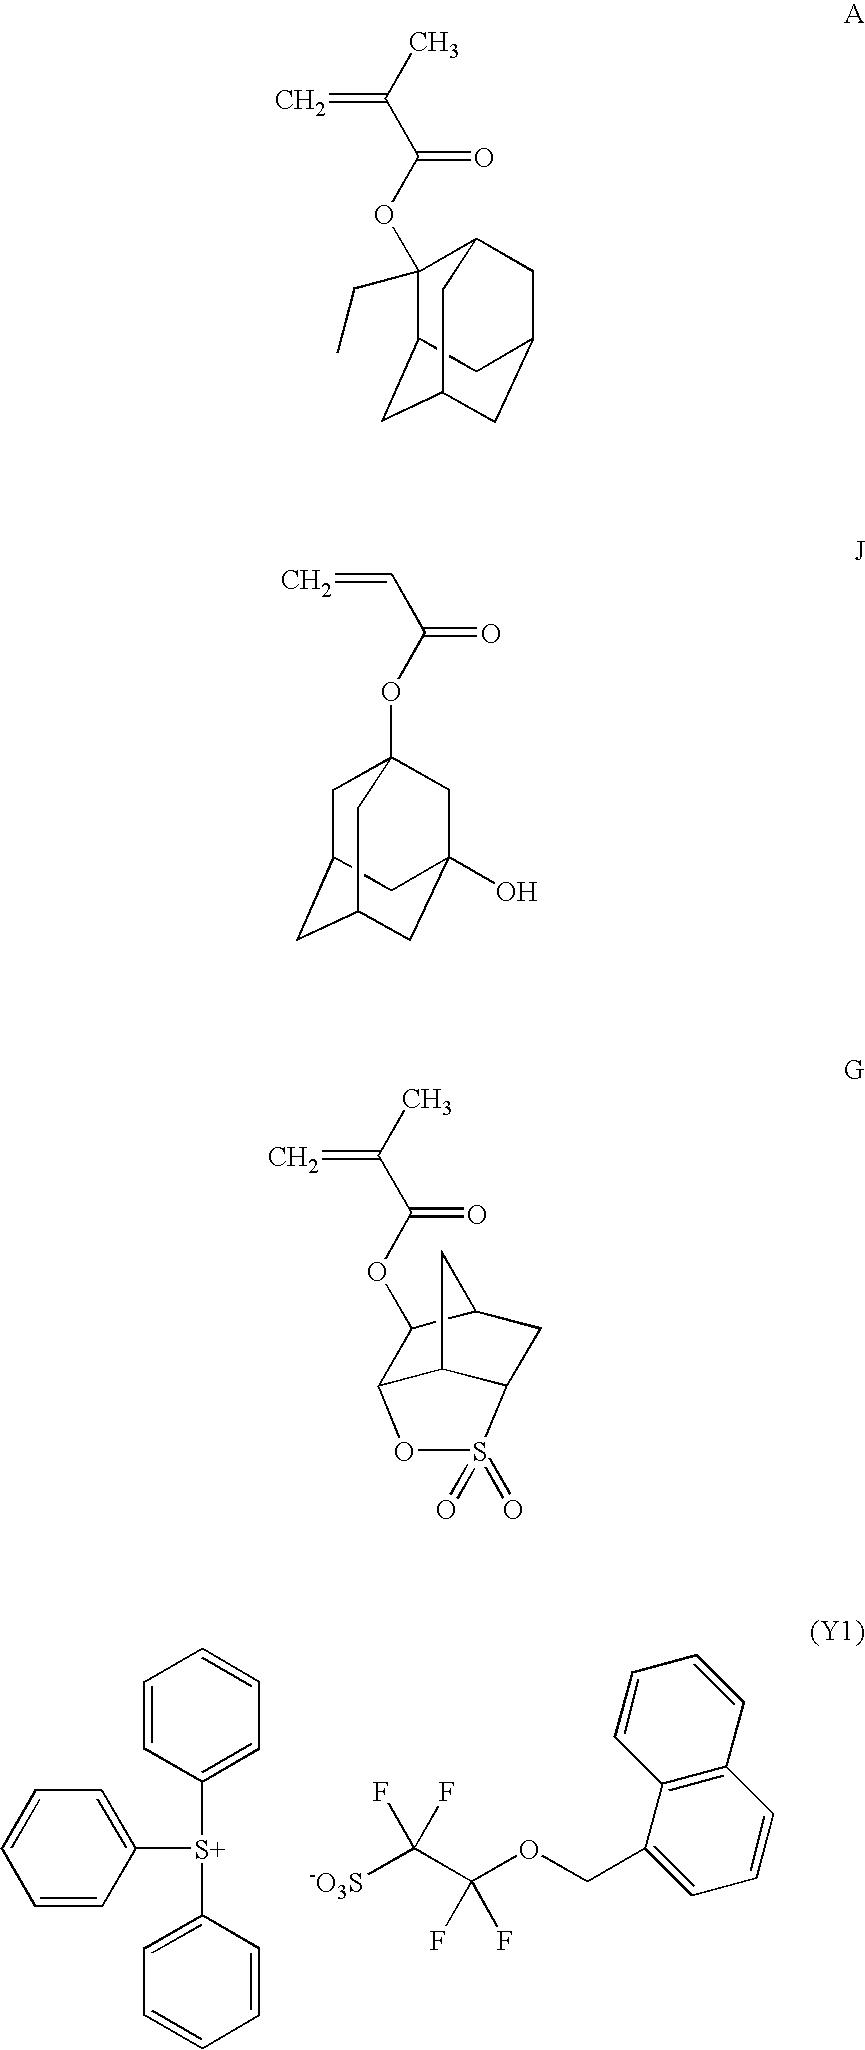 Figure US20100323296A1-20101223-C00002